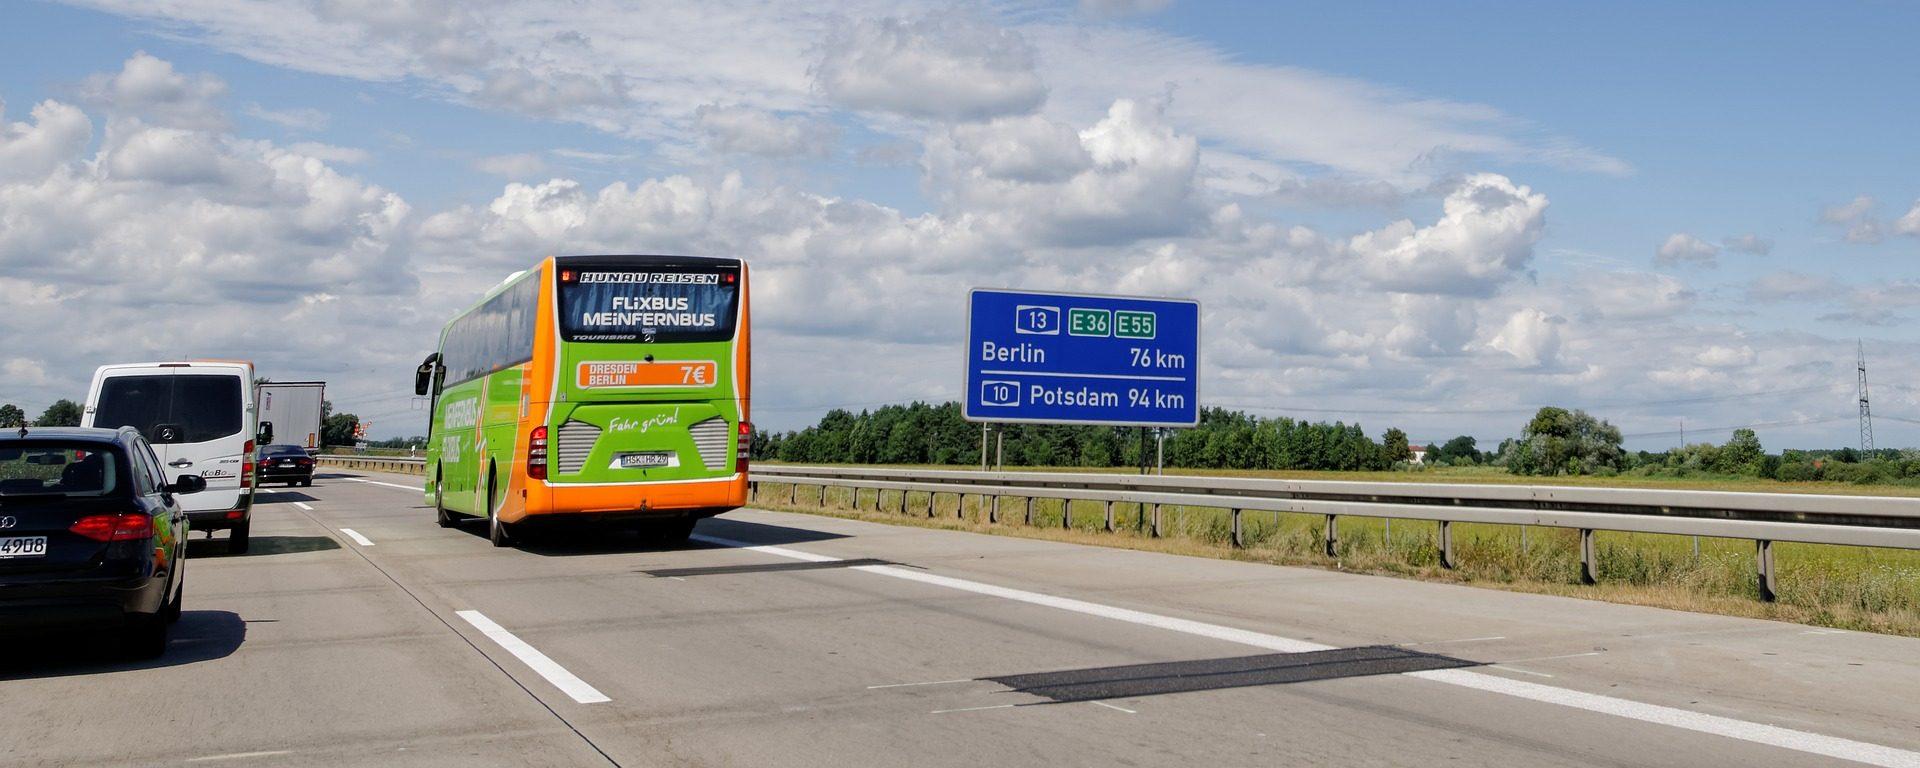 Flixbus Rabatt 10,00€ bei Buchung mit Google Assistant - Günstige Busreisen